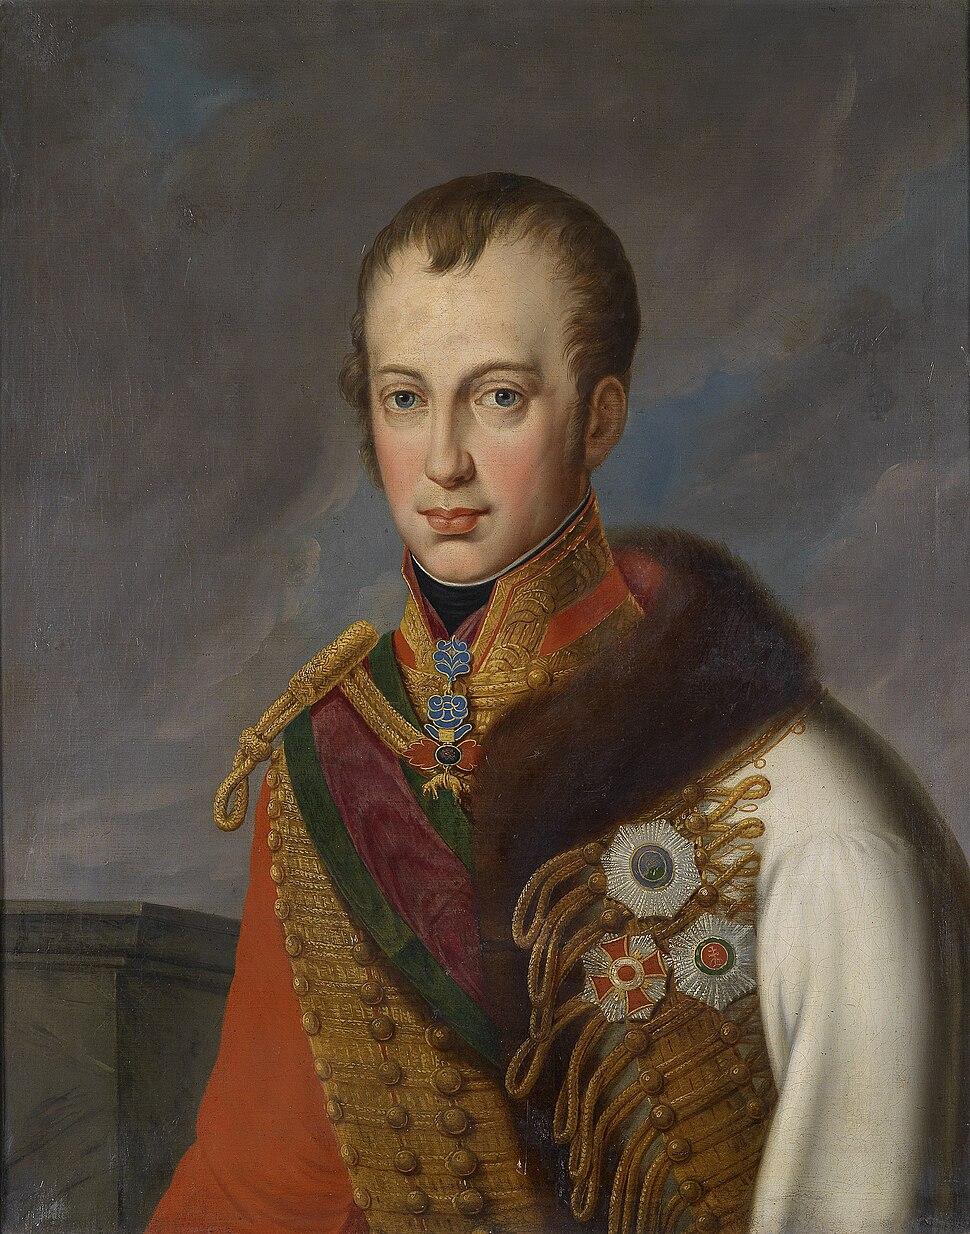 Kaiser Ferdinand I von Österreich in ungarischer Adjustierung mit Ordensschmuck c1830